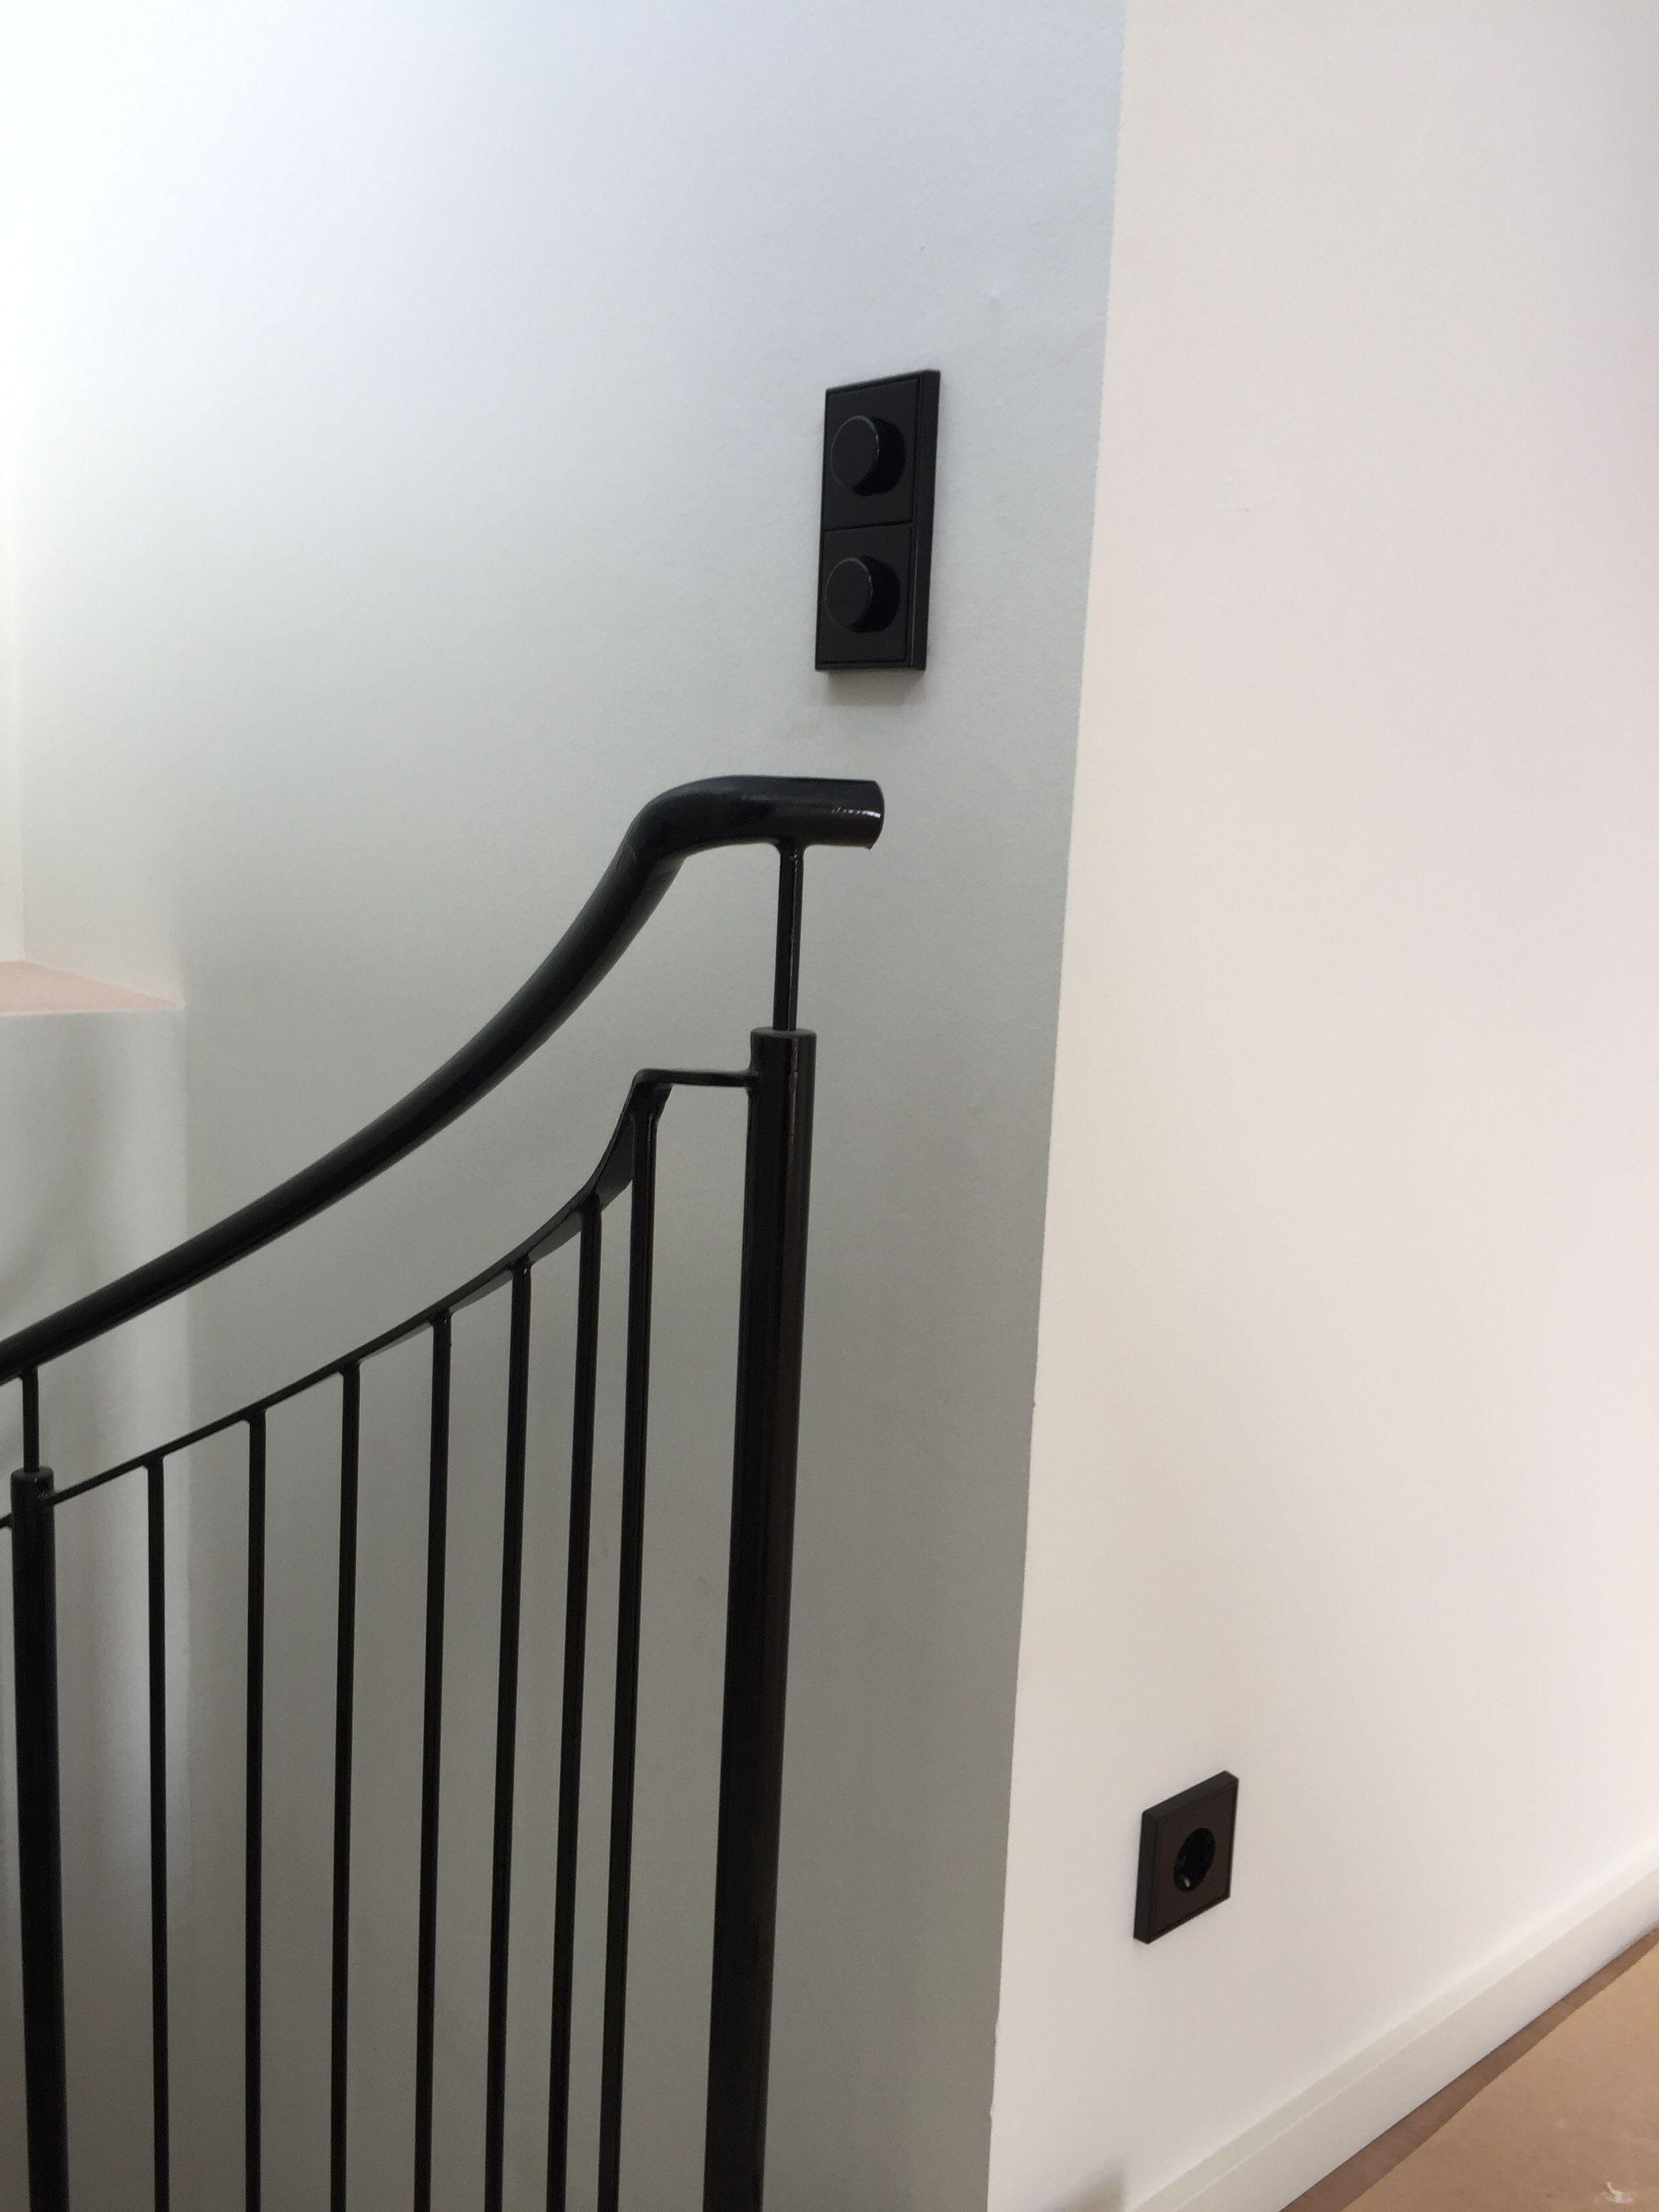 Schalter und Steckdosen von Jung aus der Serie LS990 in schwarz ...